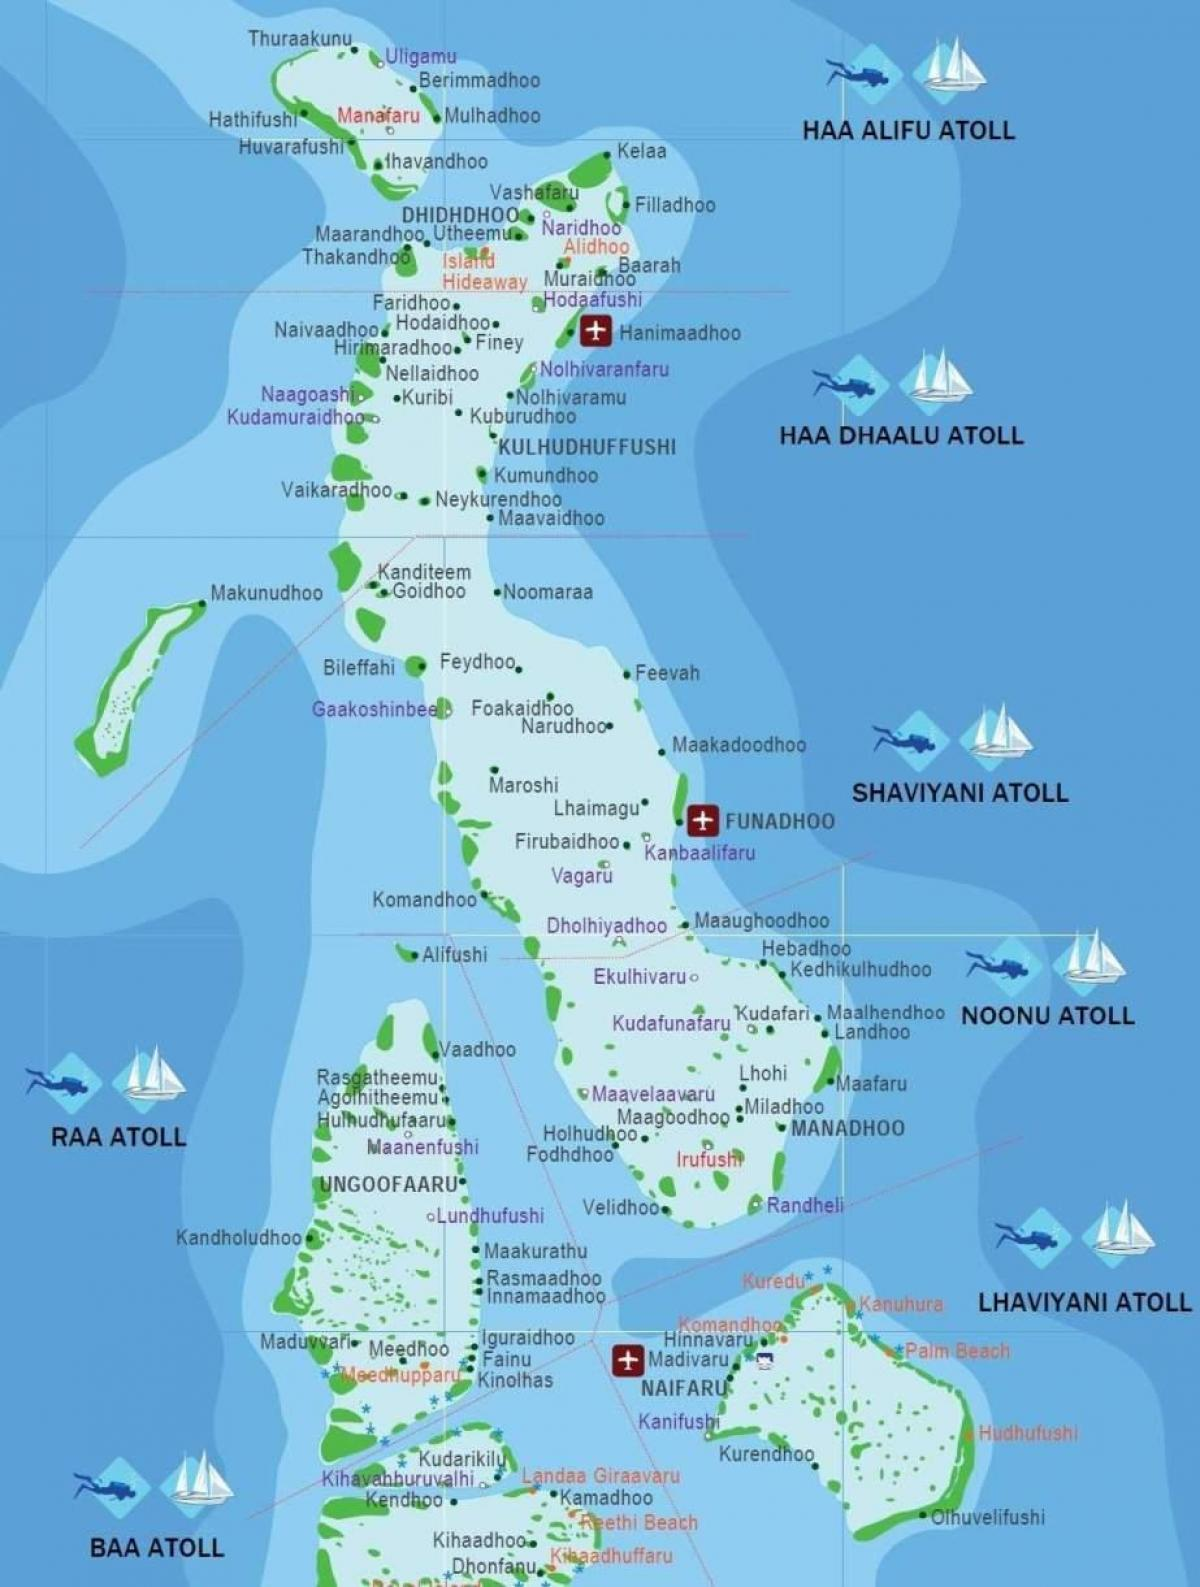 kart over maldivene Kart over maldivene   Full kart over maldivene (Sør Asia   Asia) kart over maldivene